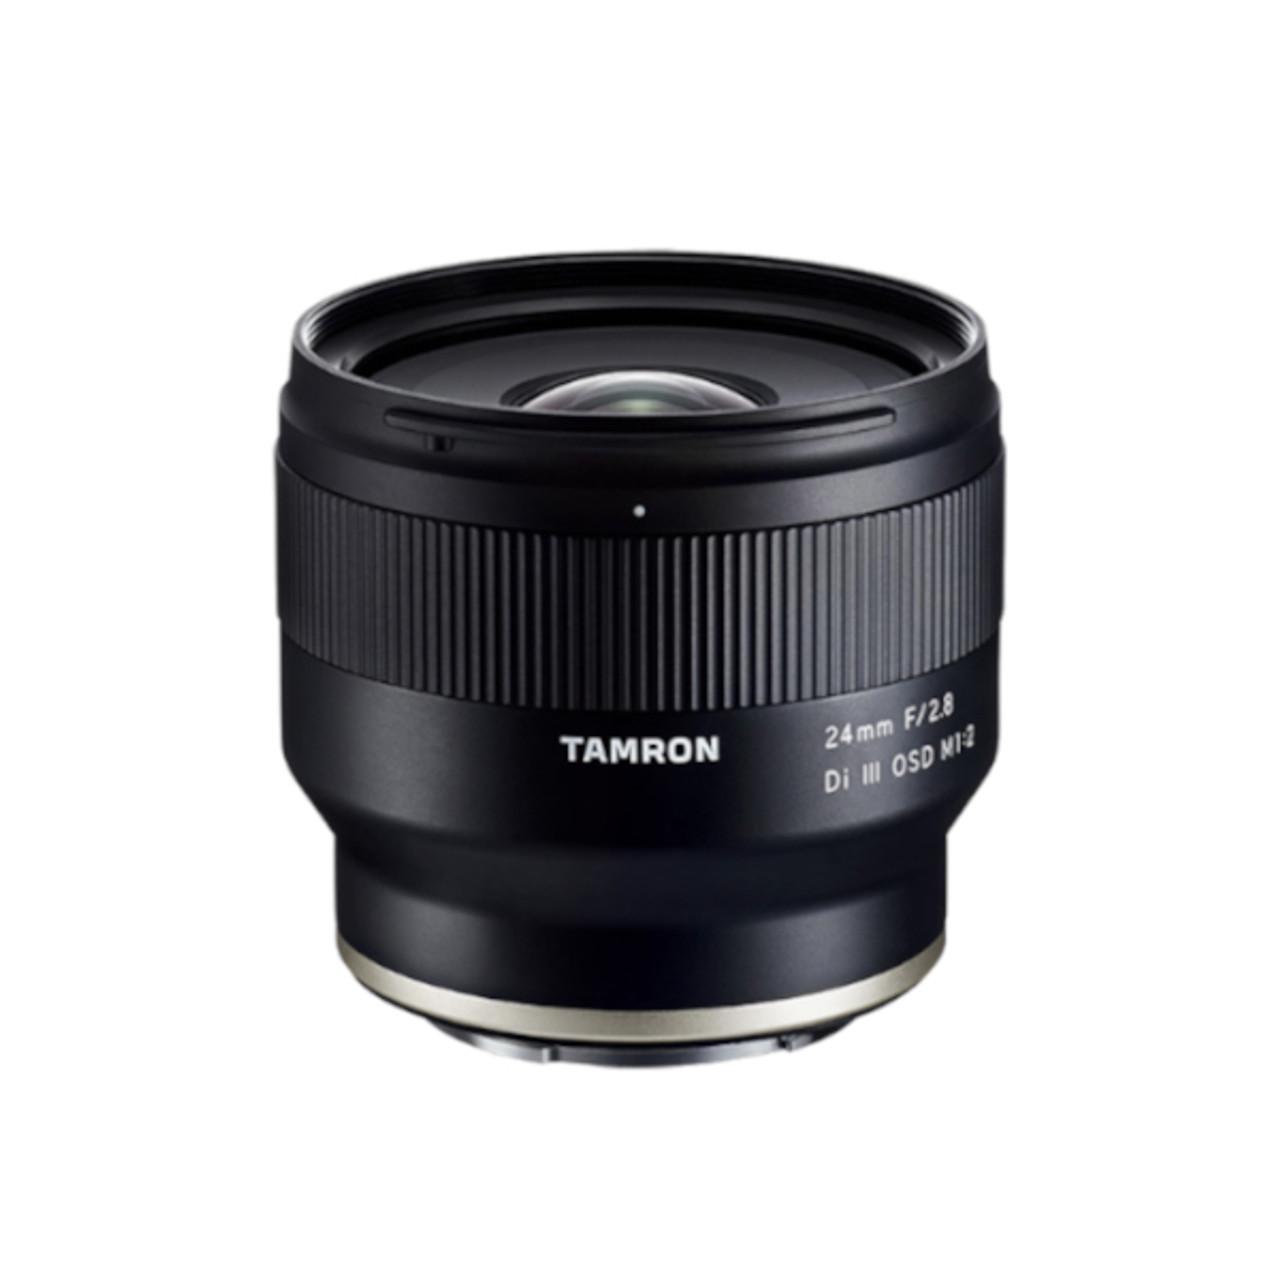 Tamron 24mm F/2.8 Di III OSD Macro 1:2 (Sony FE)